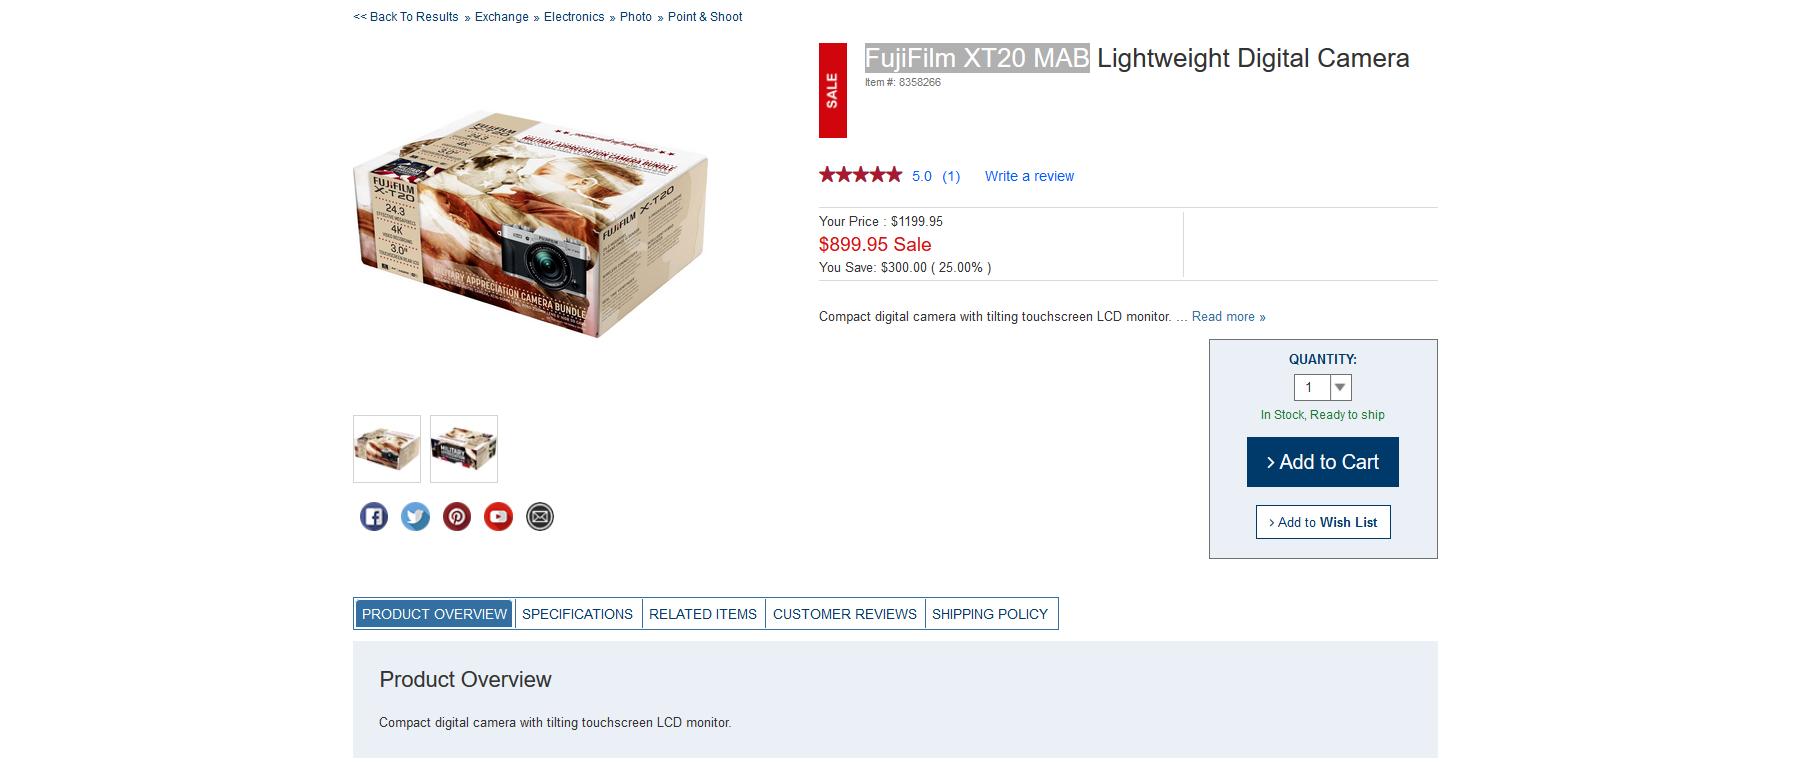 FujiFilm XT20 MAB $899.94